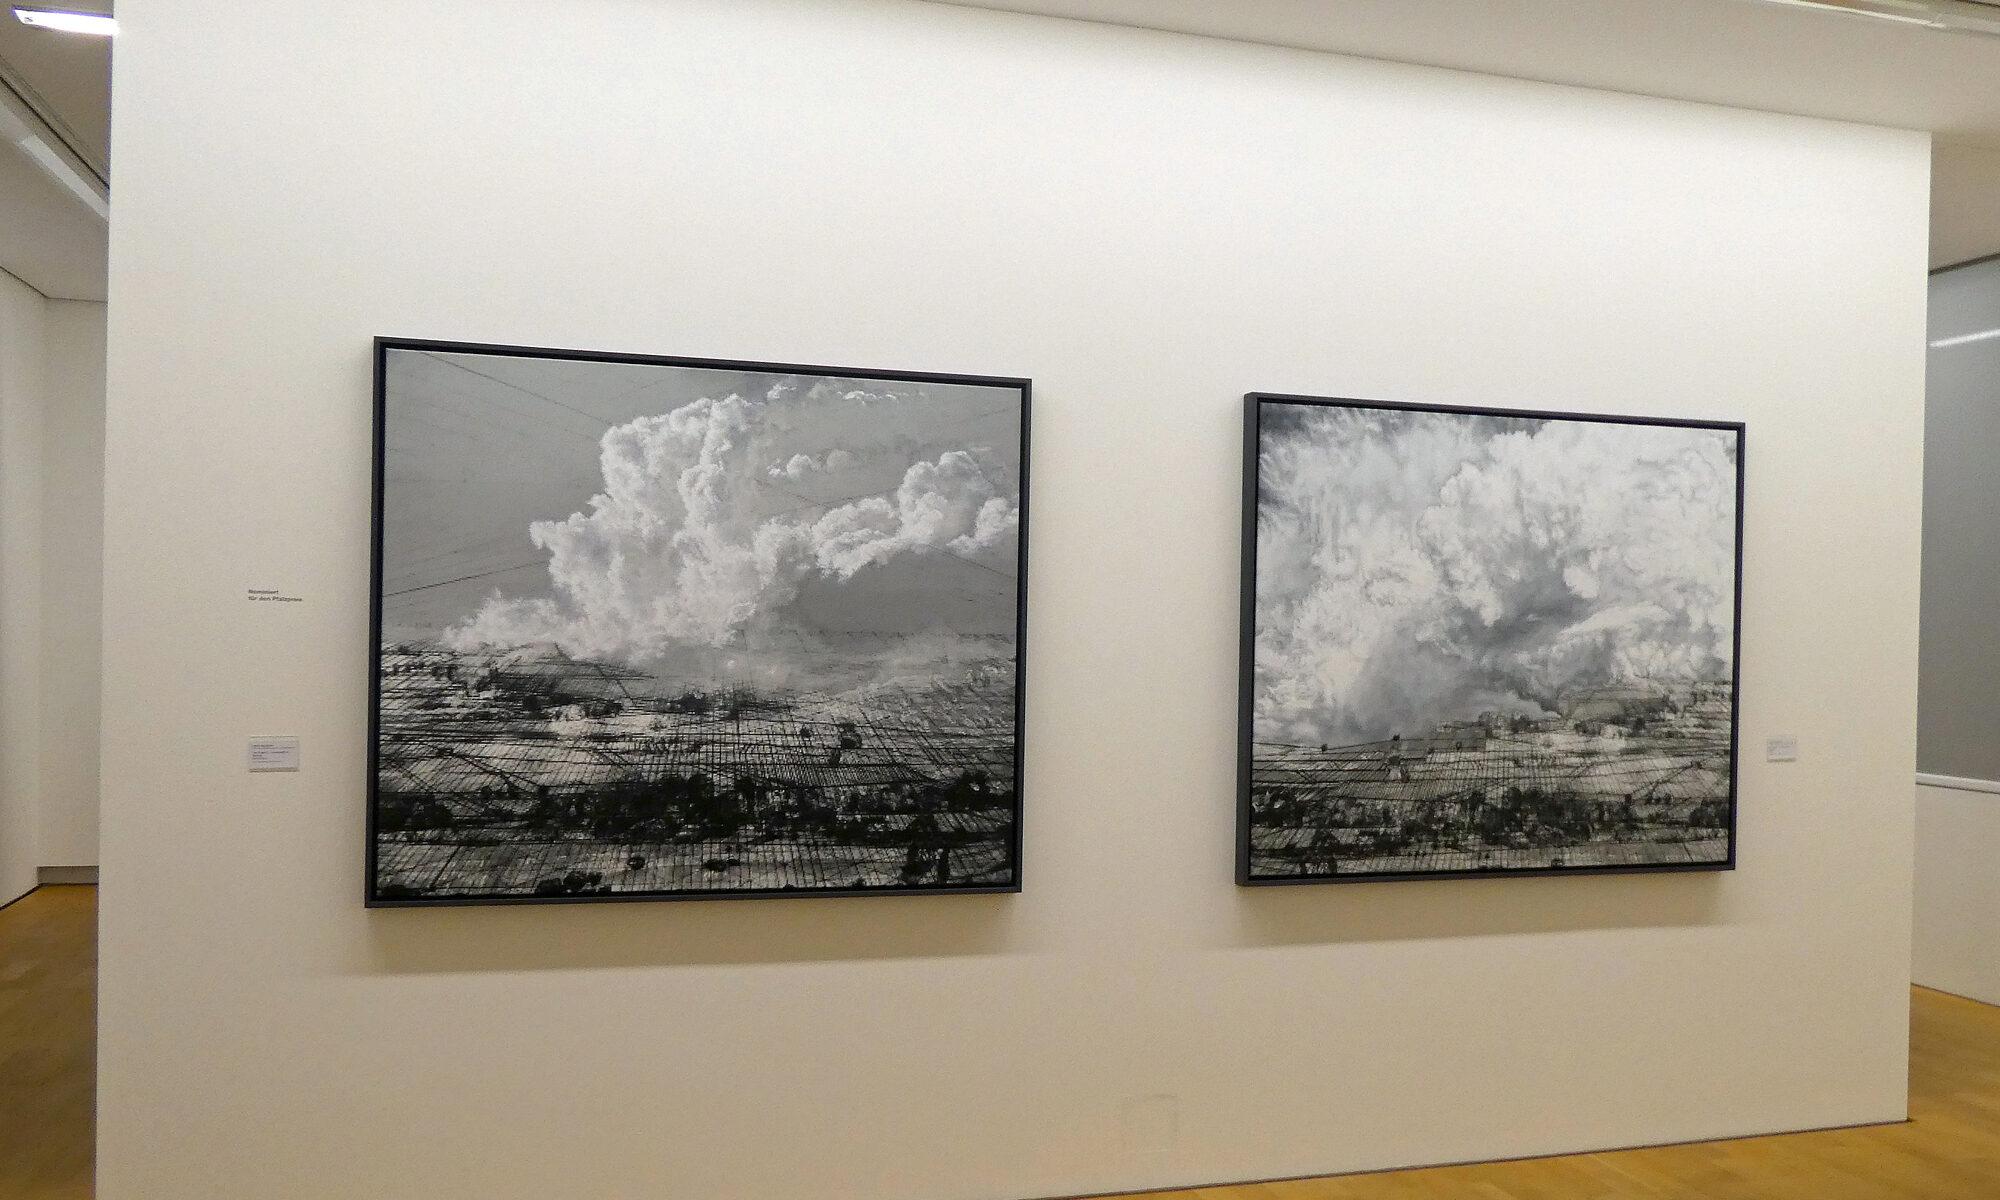 Zwei schwarzweiße Gemälde hängen auf einer Wand in den Räumen des Museums Pfalzgalerie Kaiserslautern.